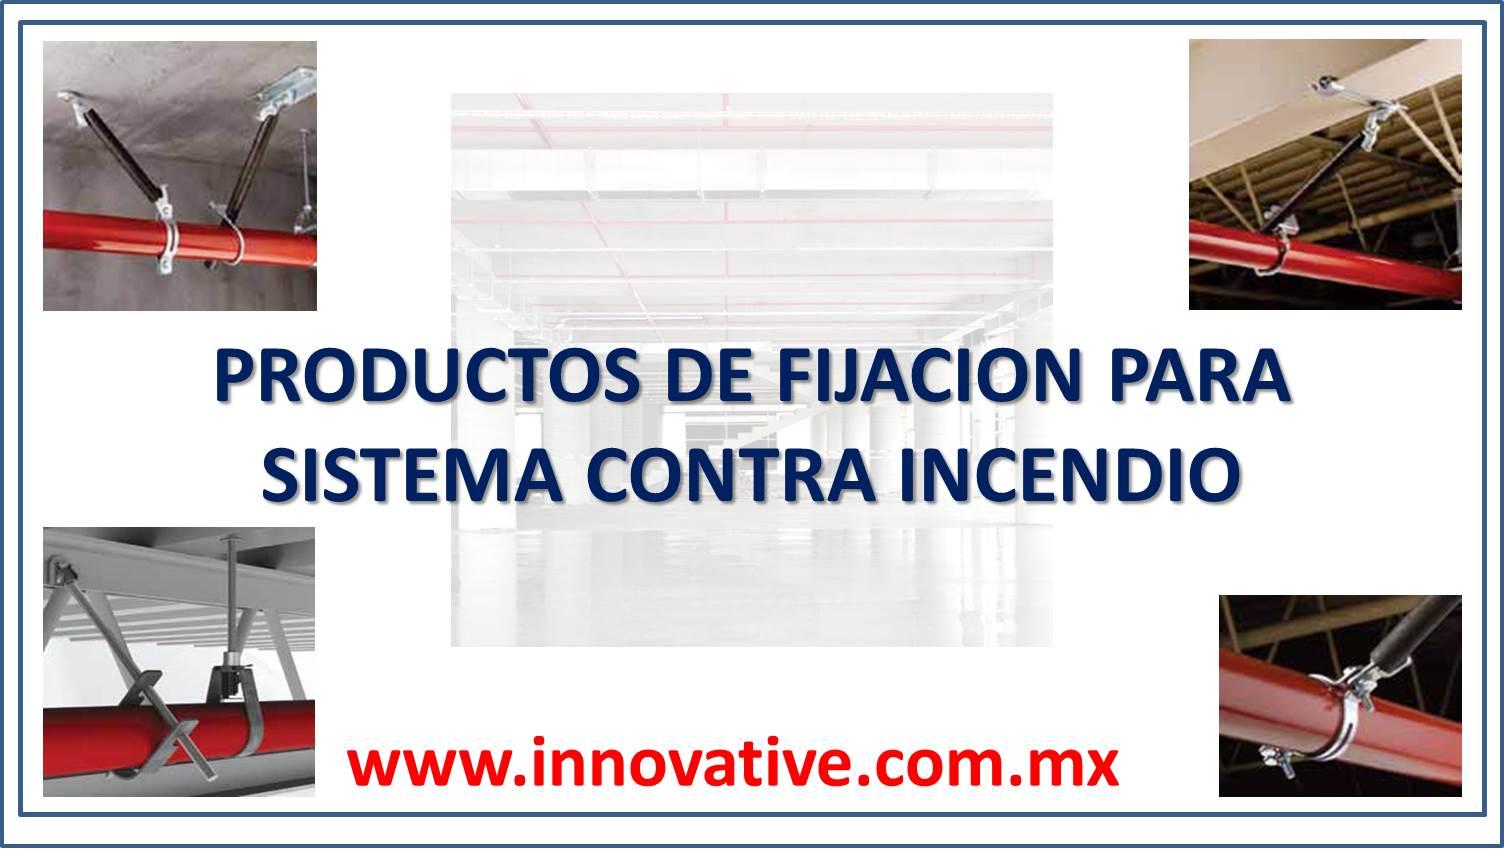 Producto de fijacion para sistema contra incendio - Sistemas de seguridad contra incendios ...